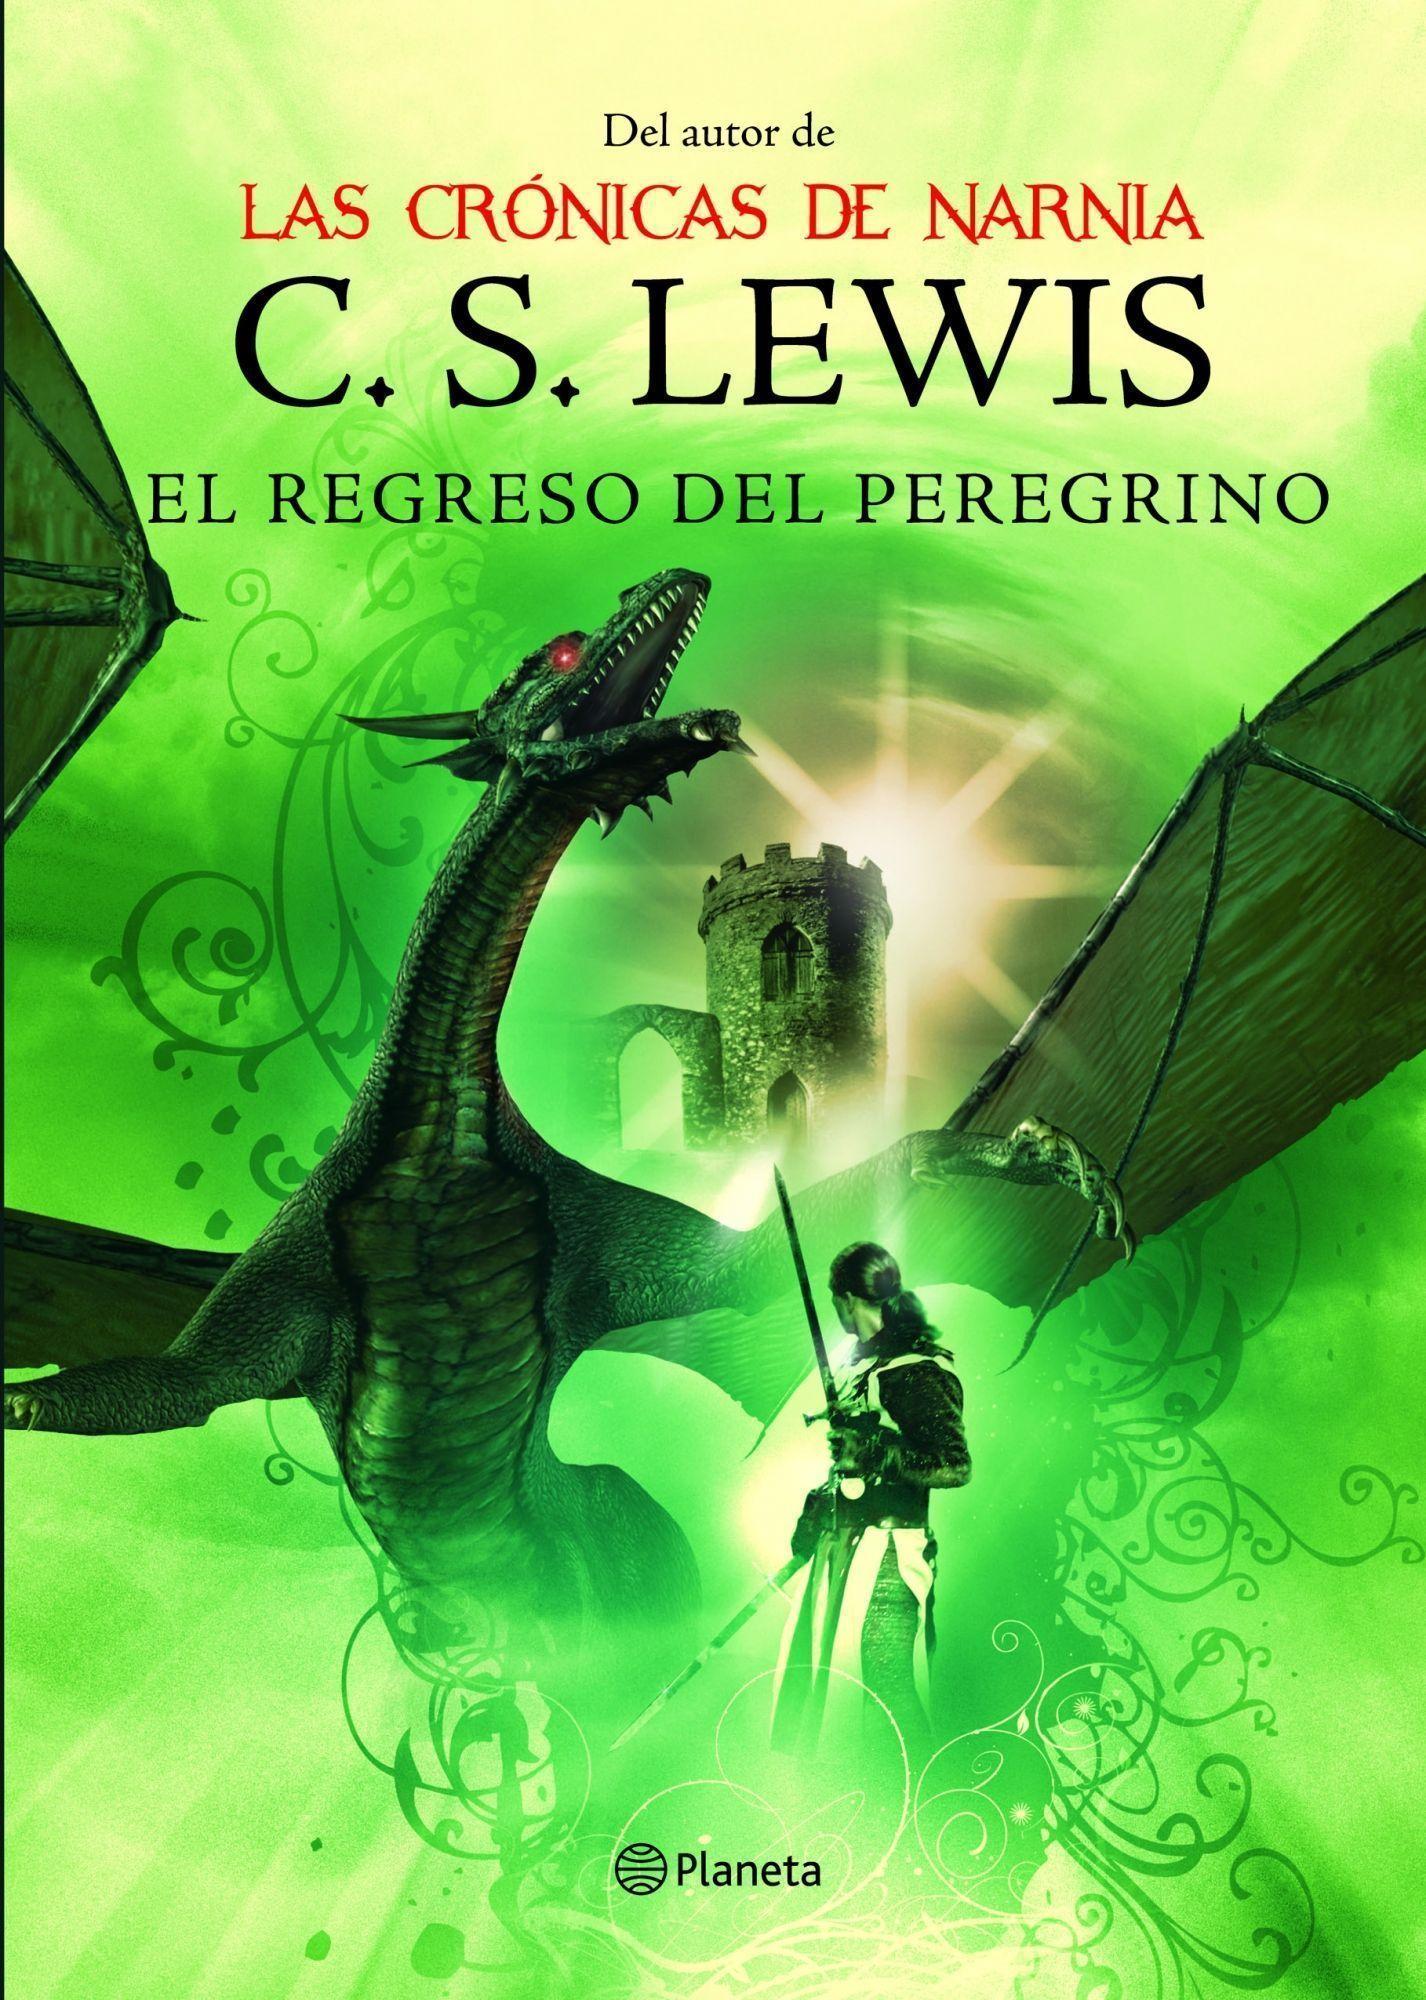 Las Crónicas de Narnia. Colouring book | Planeta de Libros